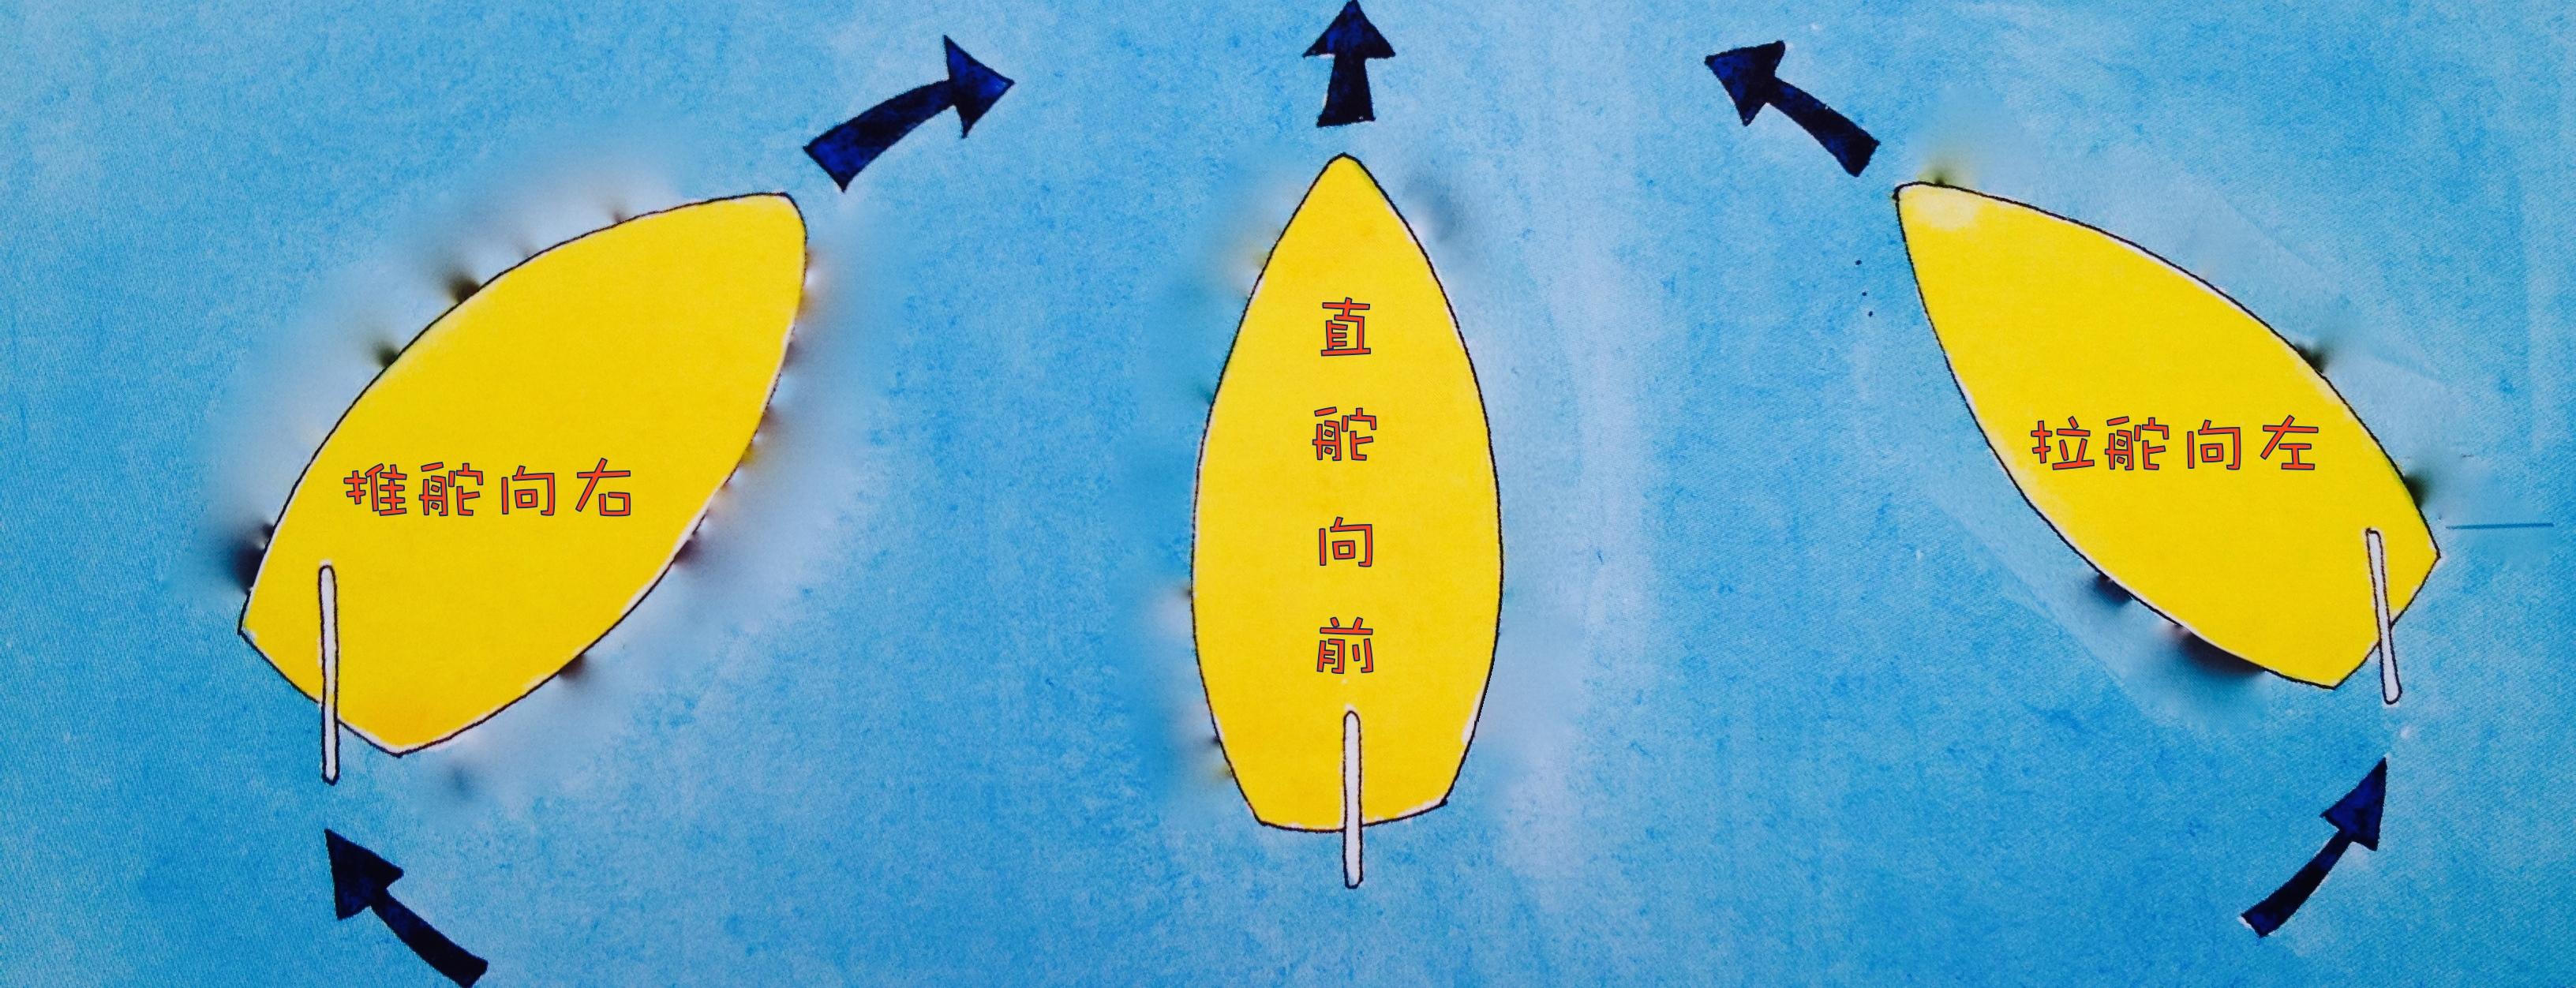 """汽车 船上有两人以上时,掌舵的人叫""""舵手,控制缭绳的人叫""""缭手"""",其他人统称船员。 7d.jpg"""